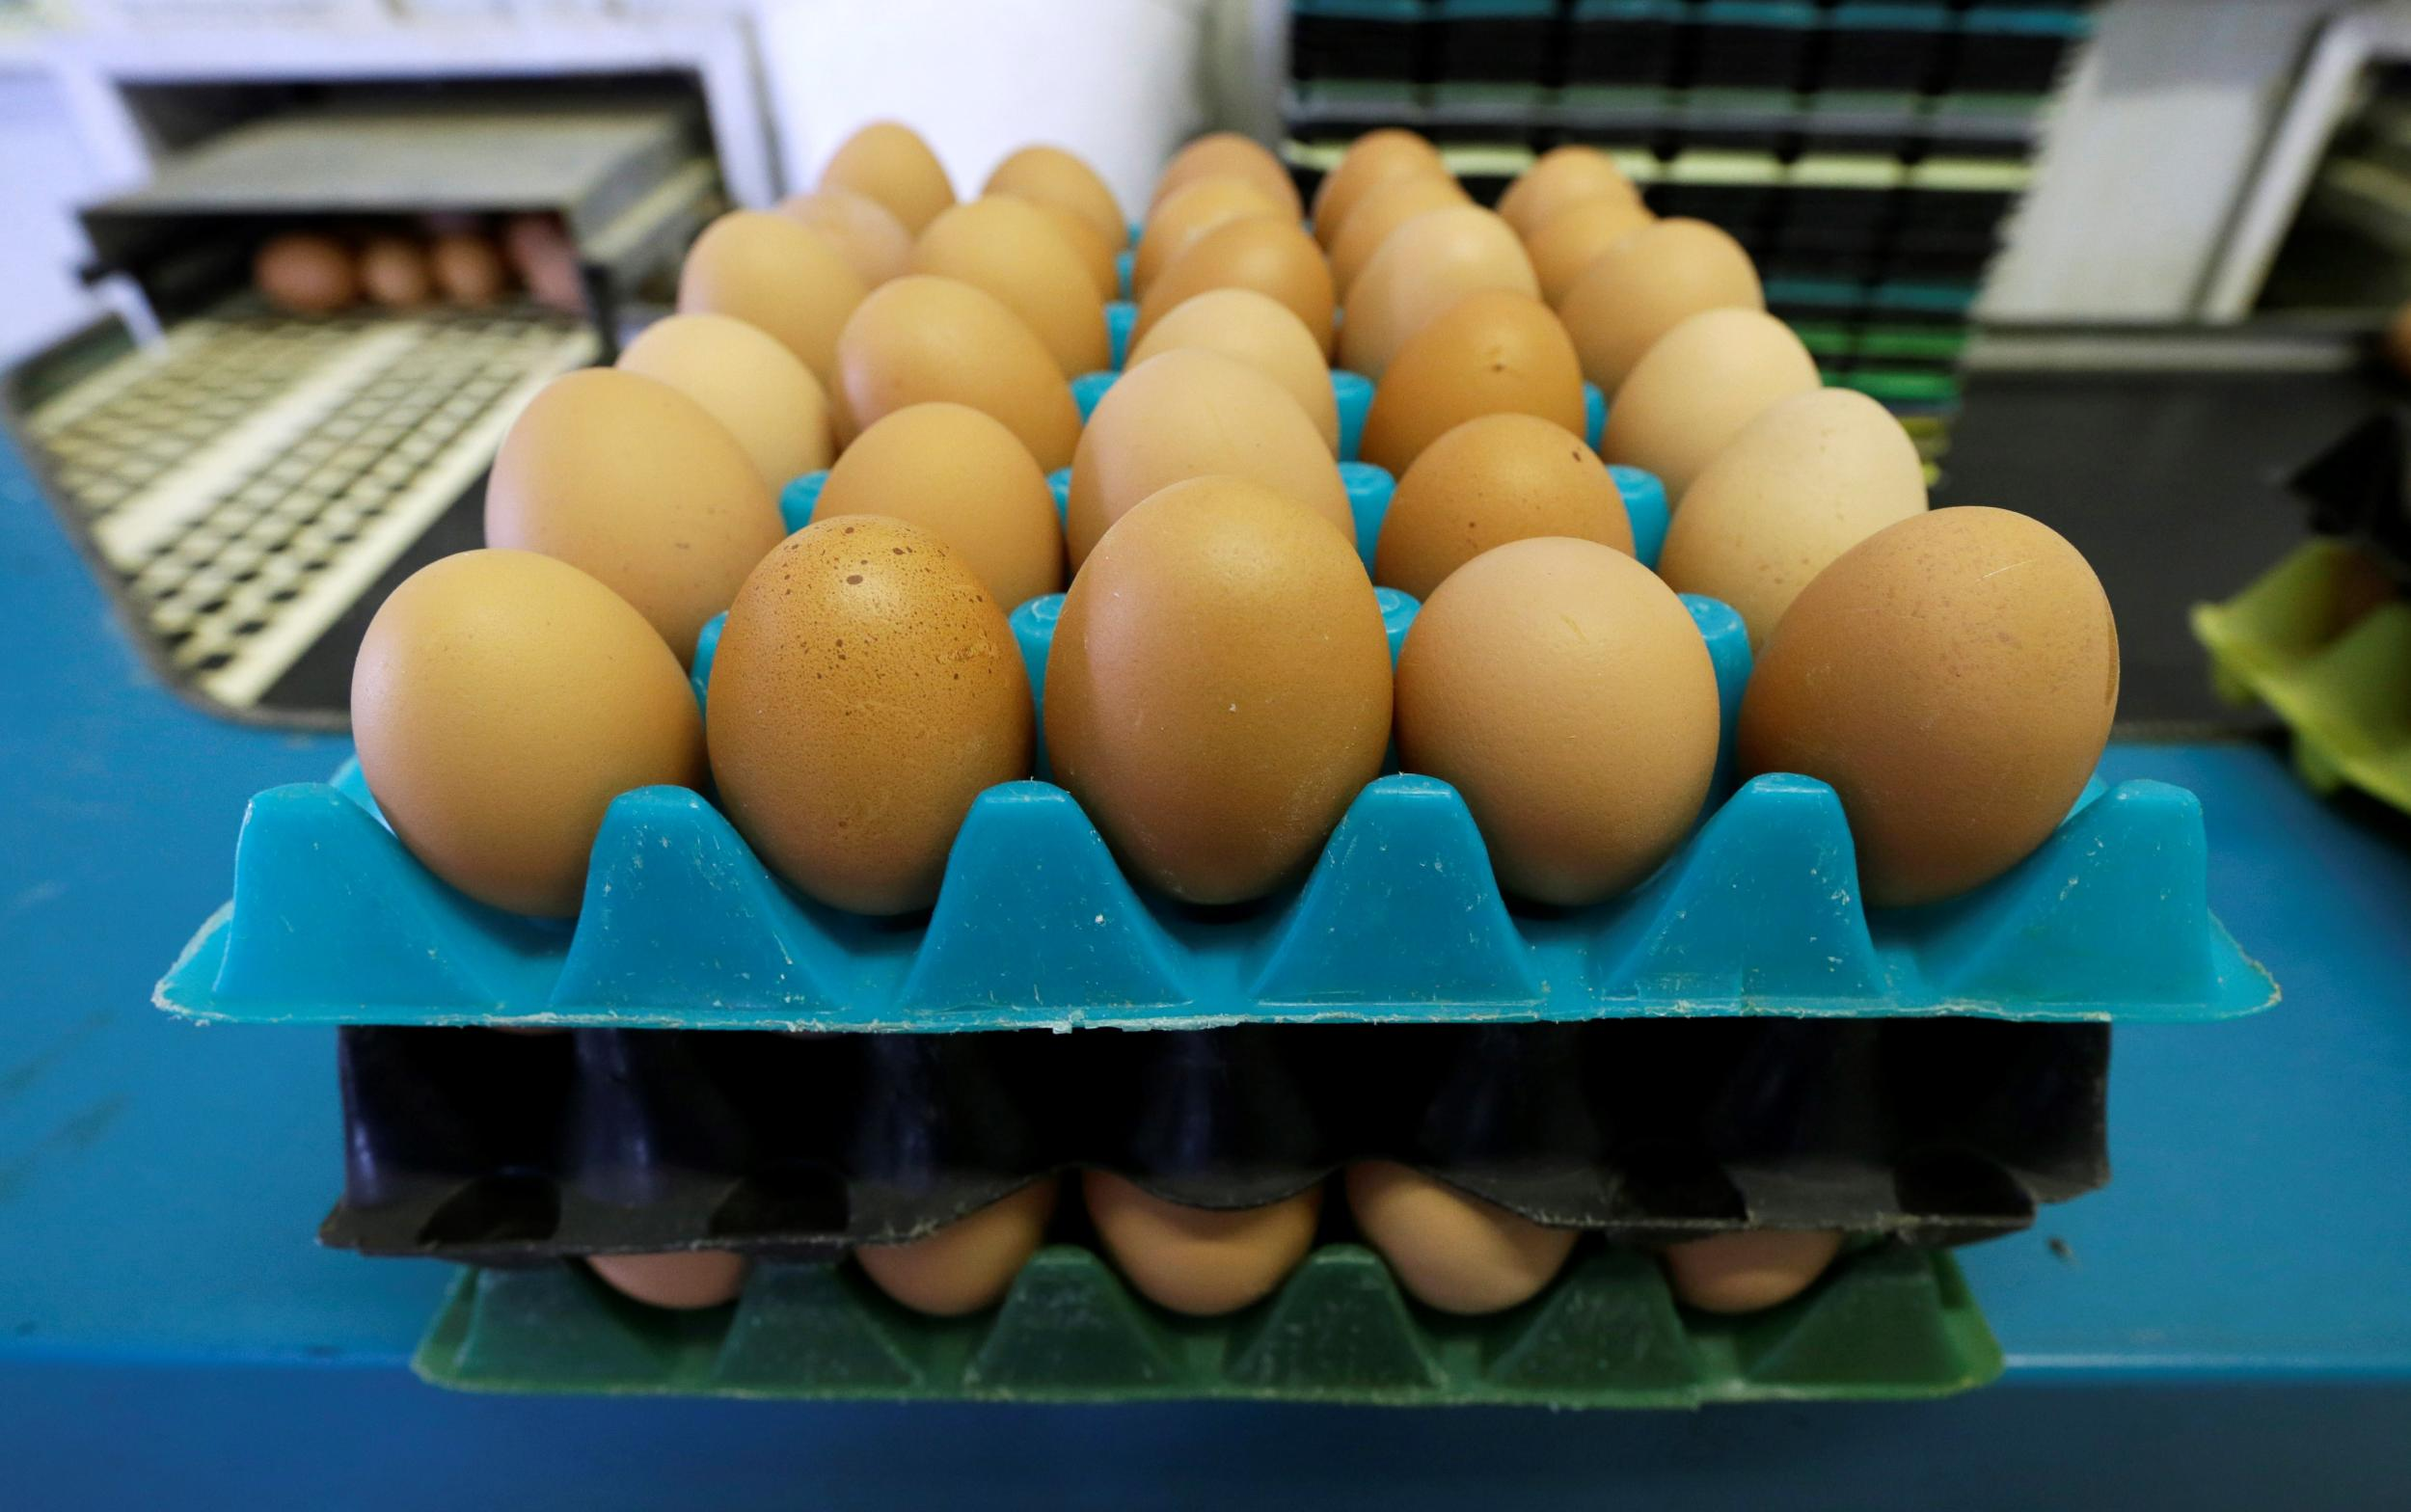 Los comerciantes acusan a los productores entrerrianos.